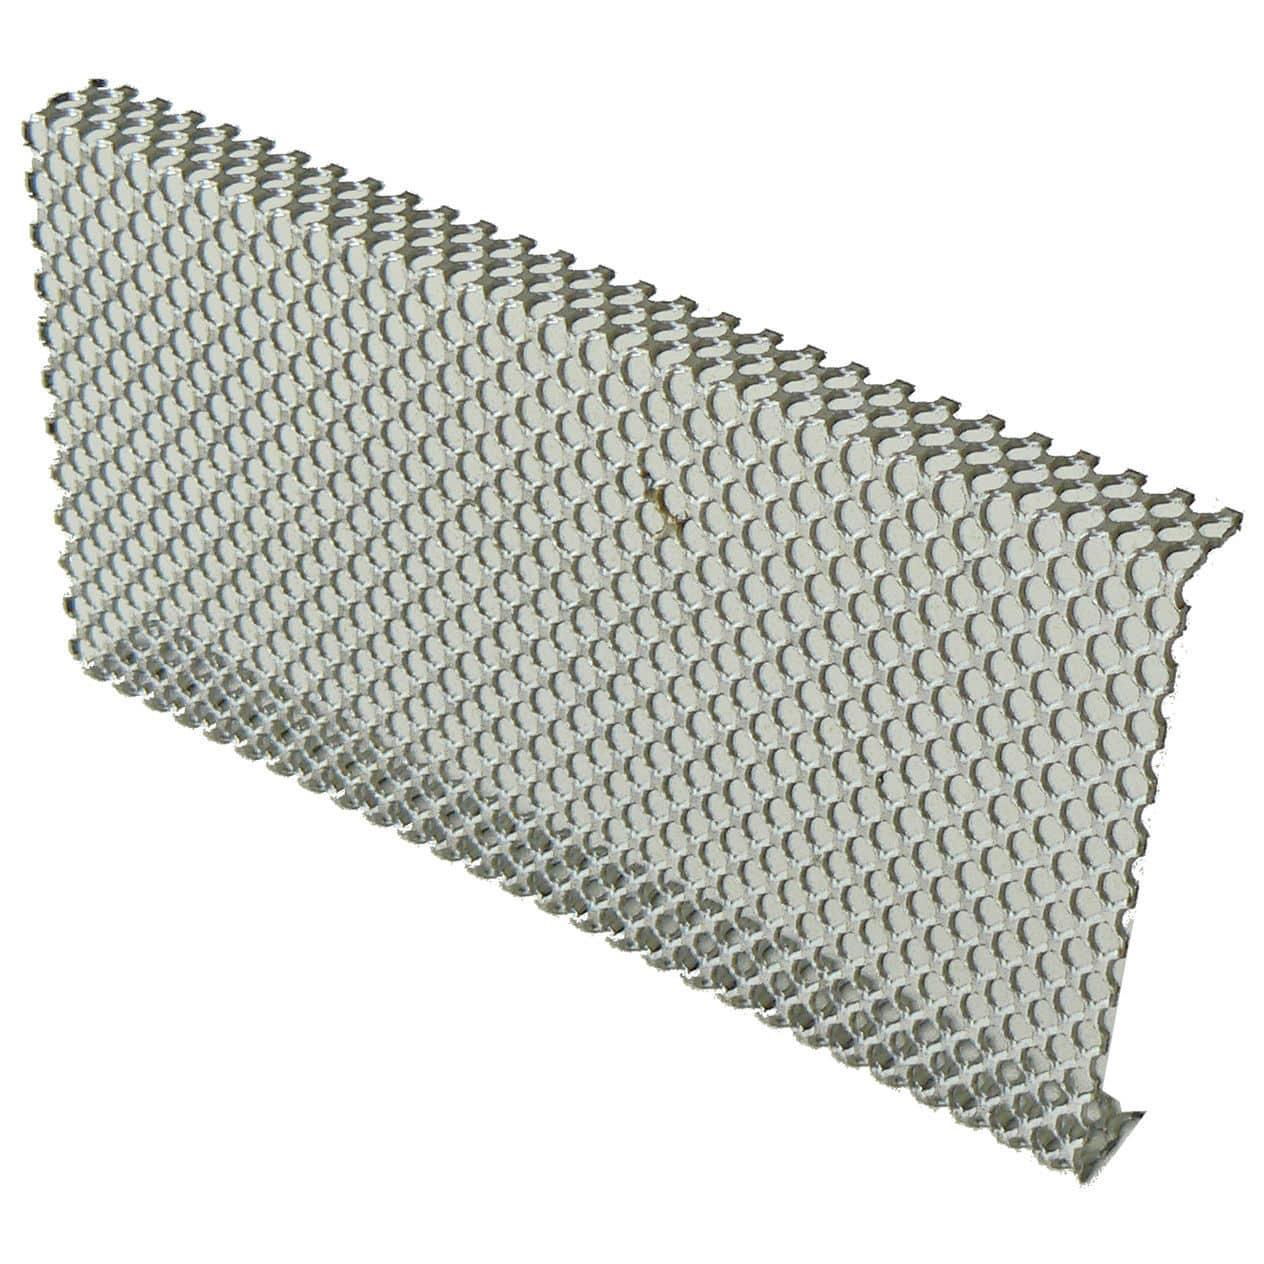 Verlorene Schalung Metall Fur Bodenplatte A R H Bau Technik